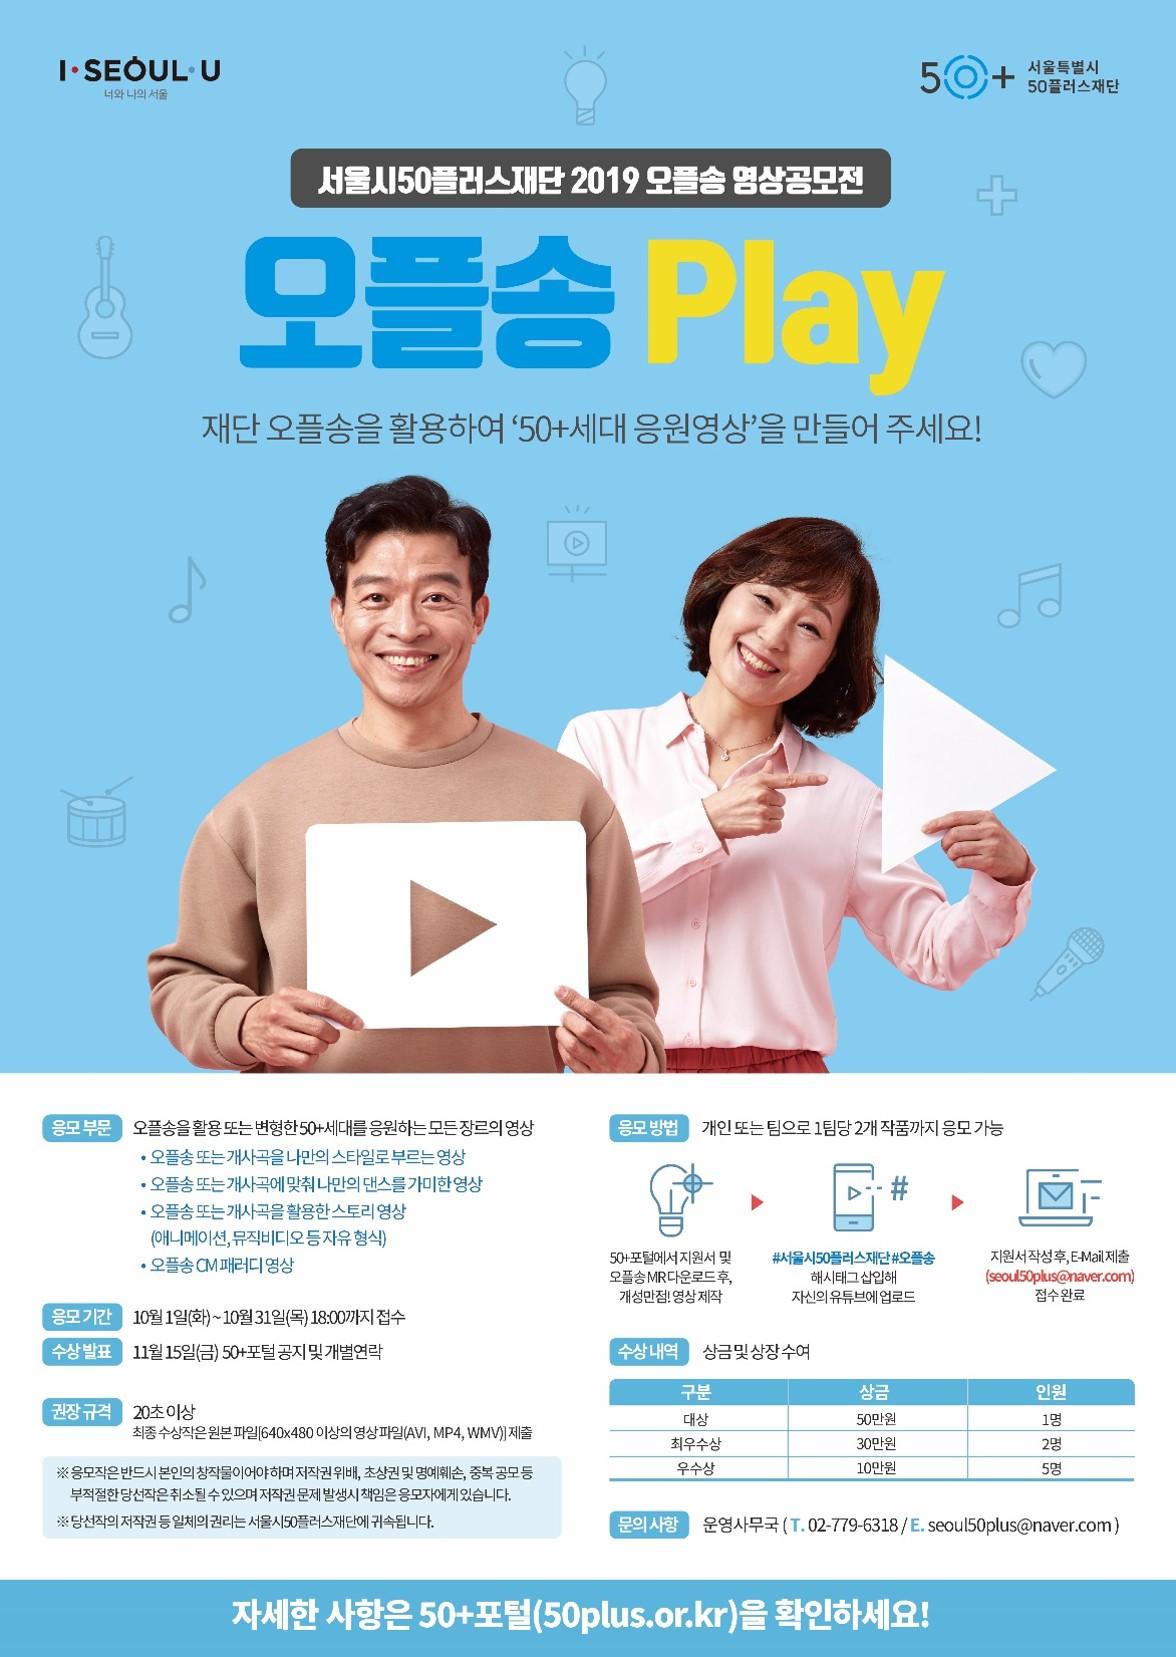 서울시50플러스재단 2019년 영상공모전 「오플송 Play」